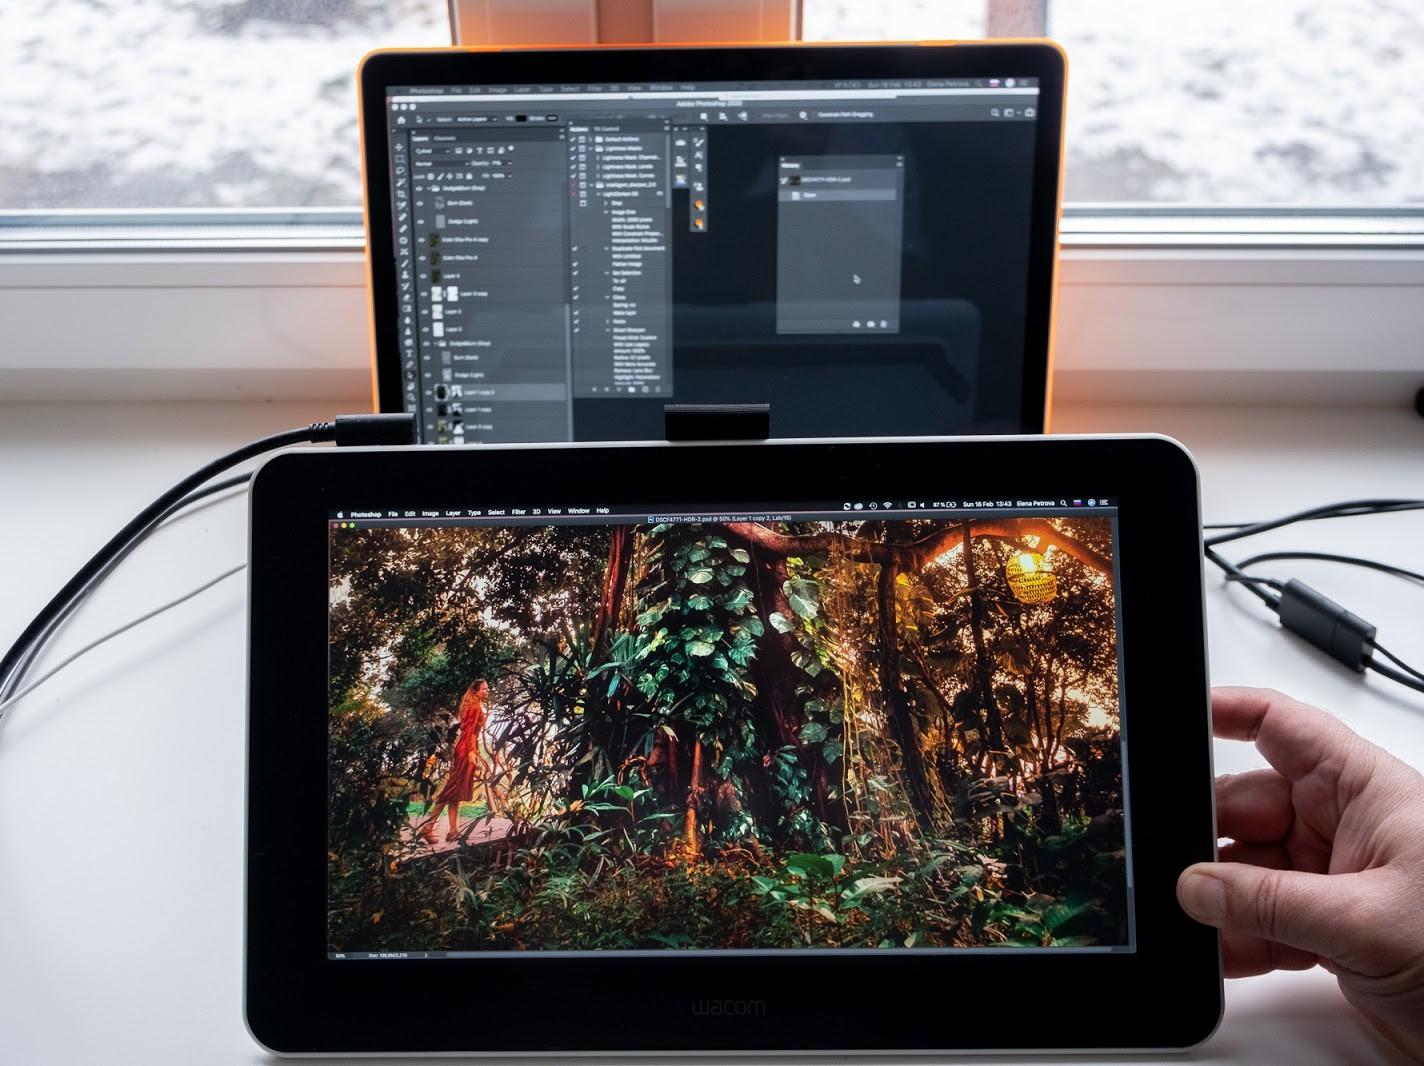 Тест Wacom One: доступный интерактивный графический дисплей